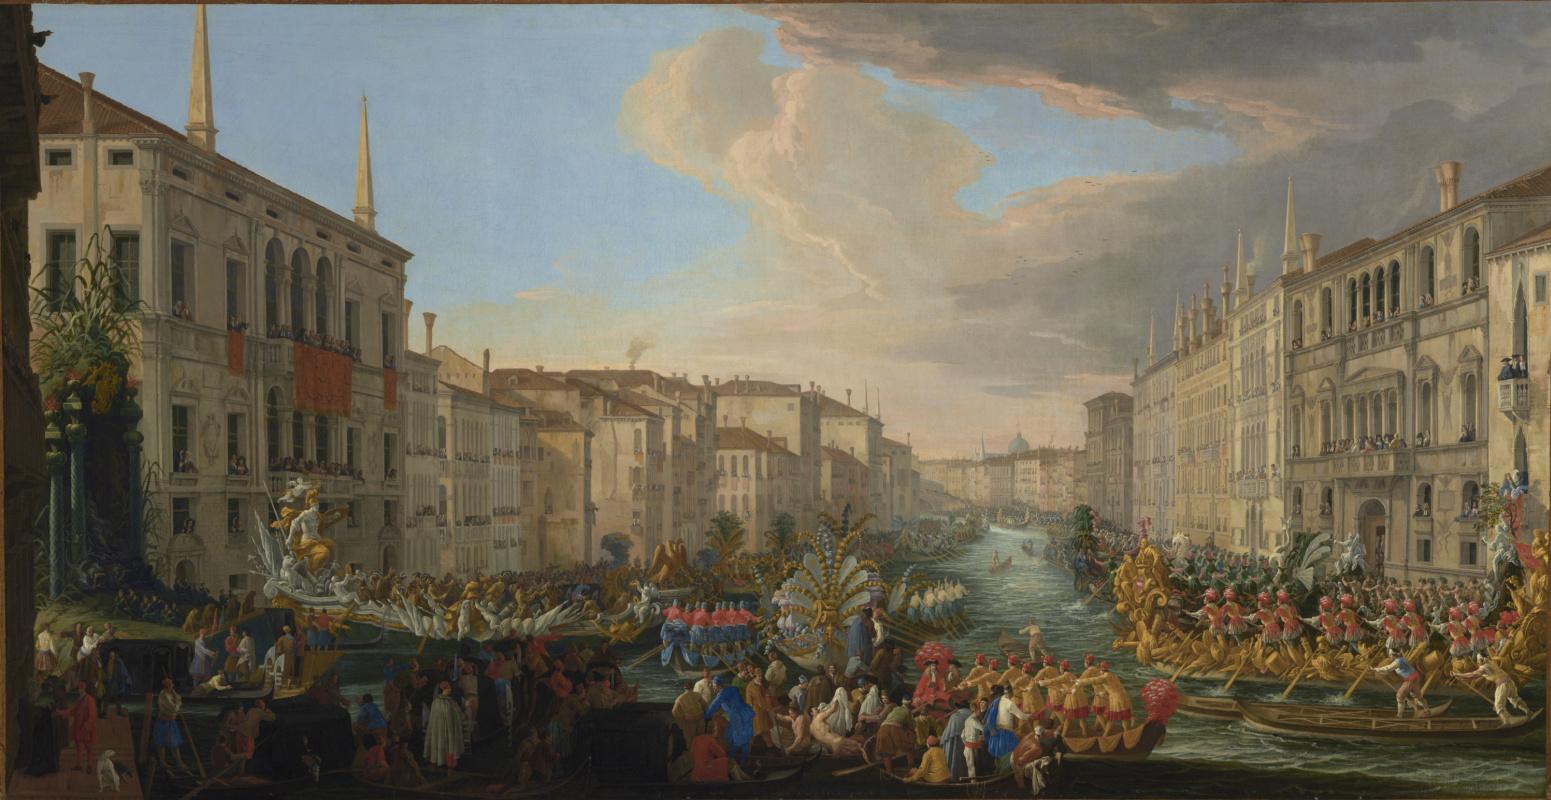 Лука Карлеварис. Регата на Гранд-канале в честь Фредерика IV, короля Дании